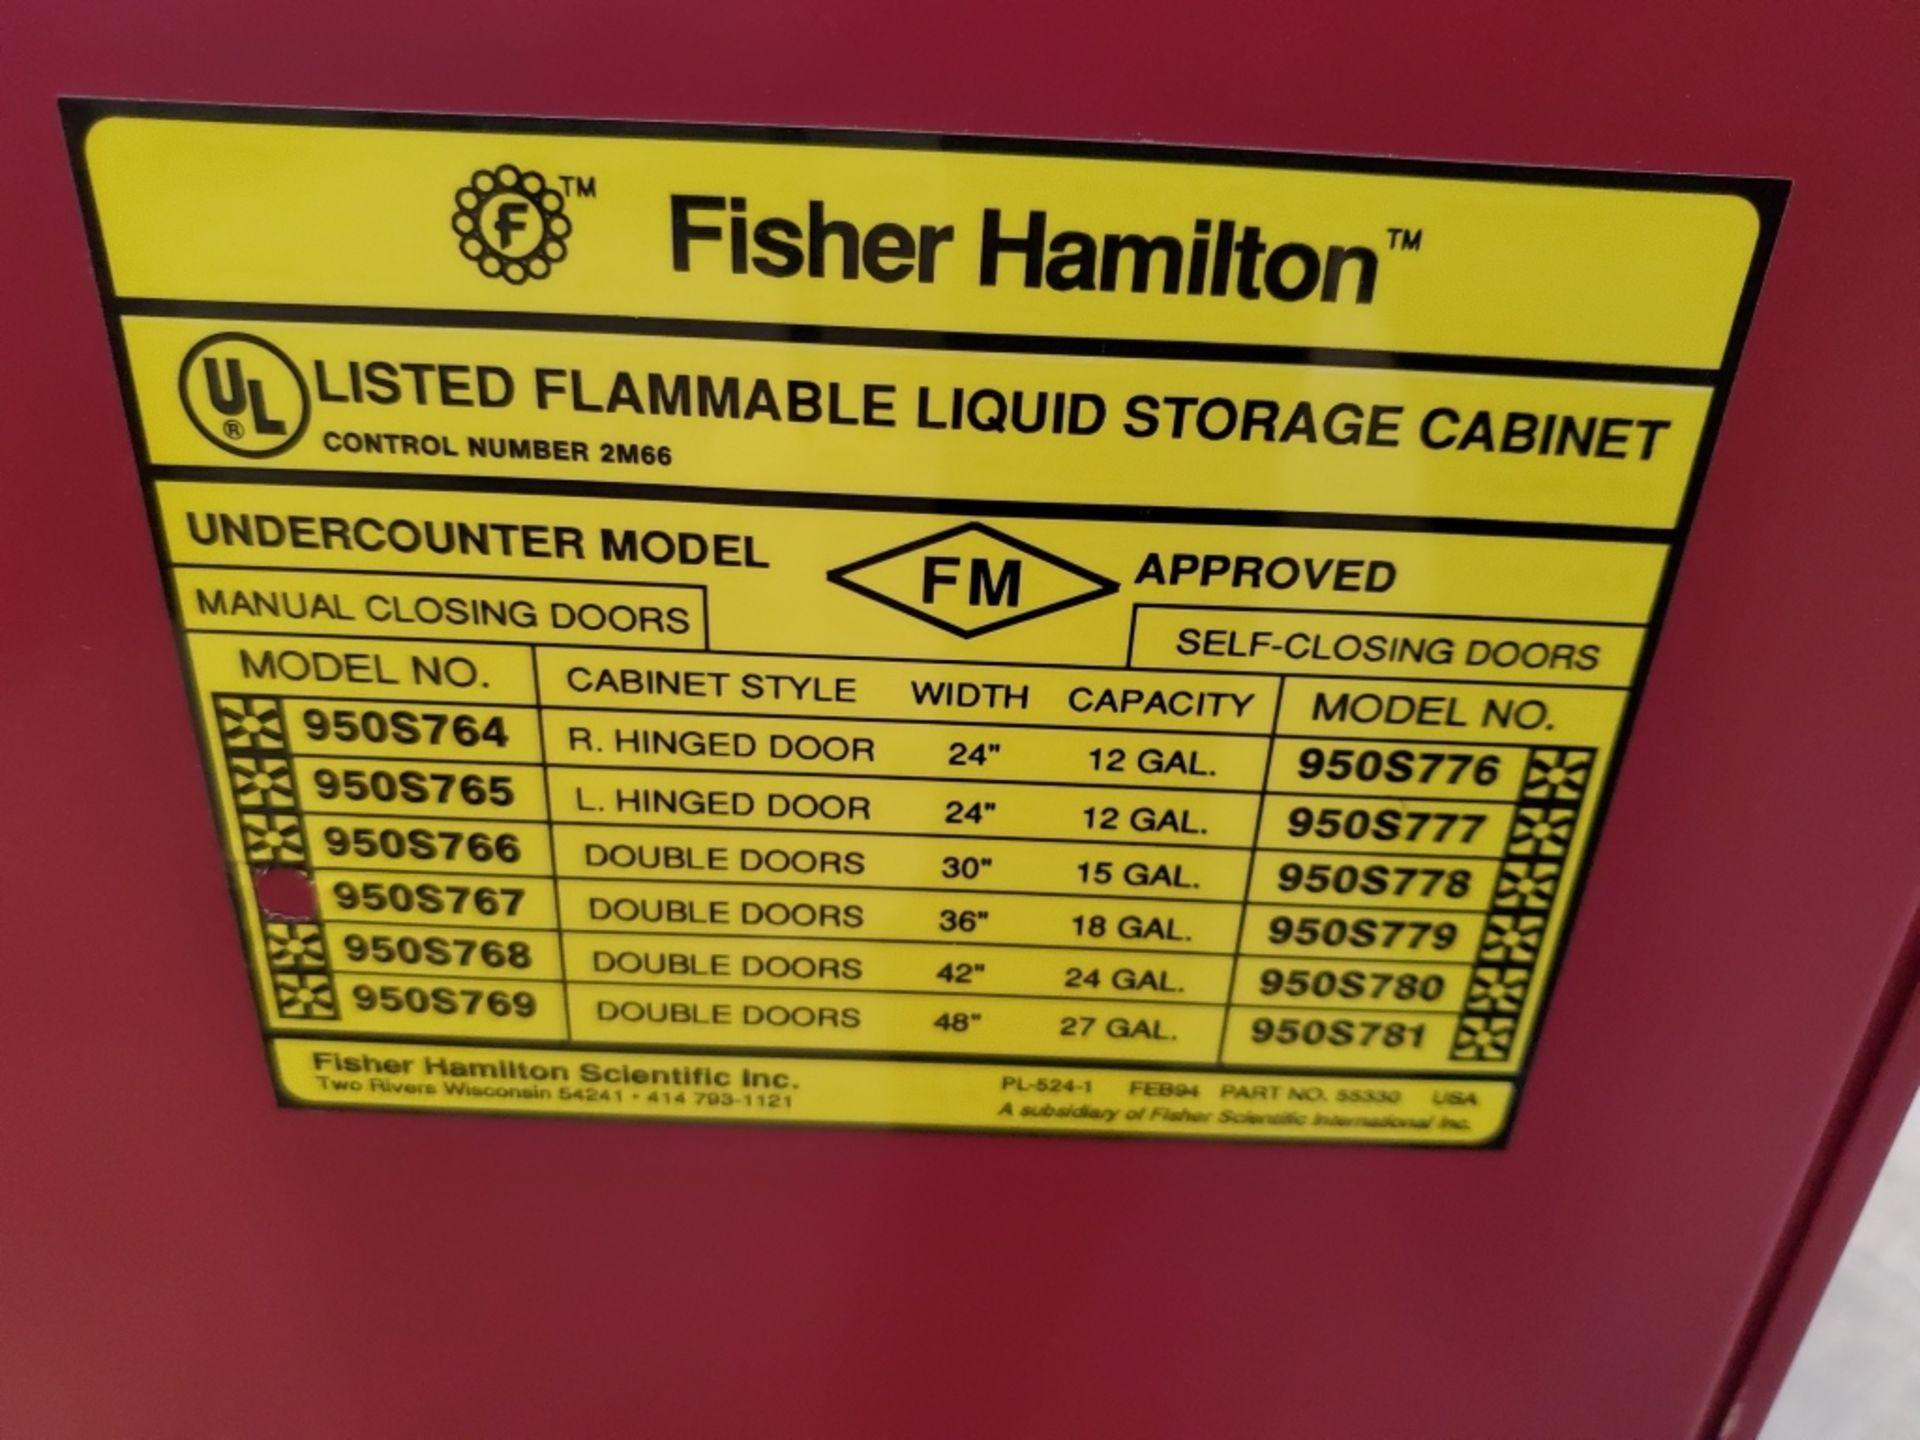 Fisher Hamilton 18Gal 2-Door Flammable Cabinet - Image 4 of 5